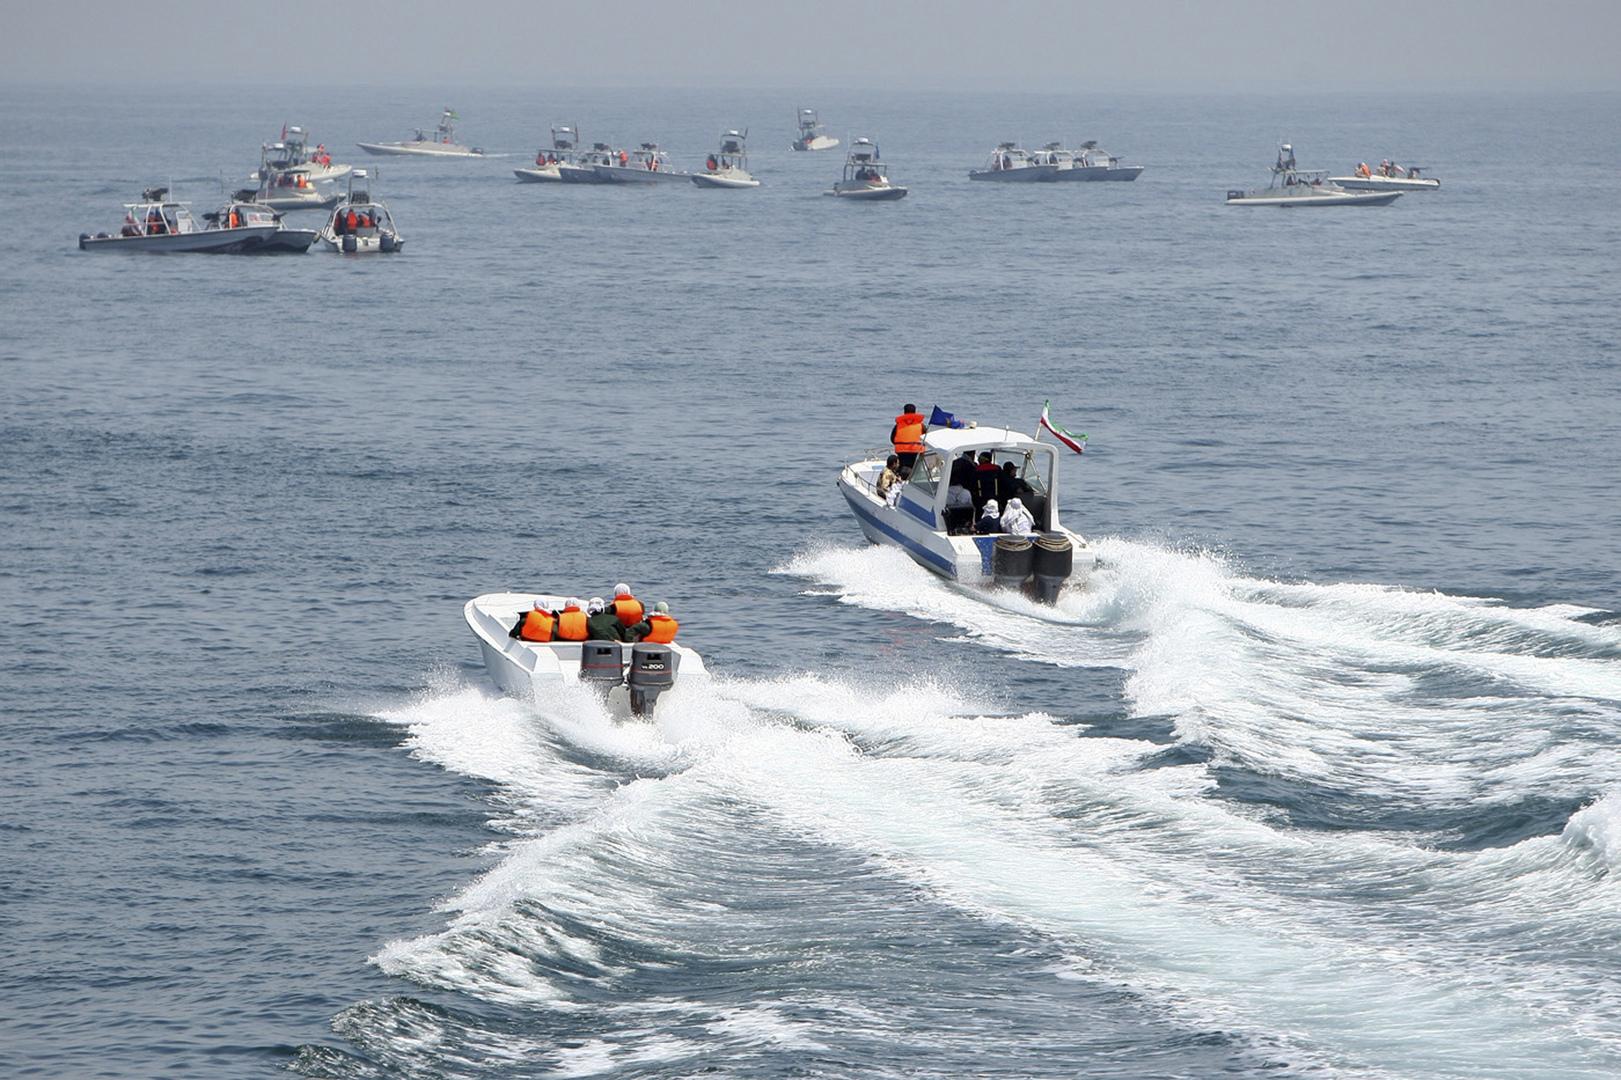 الحرس الثوري: الخليج الفارسي ملك لإيران ولا يمكن لأحد تزوير اسمه